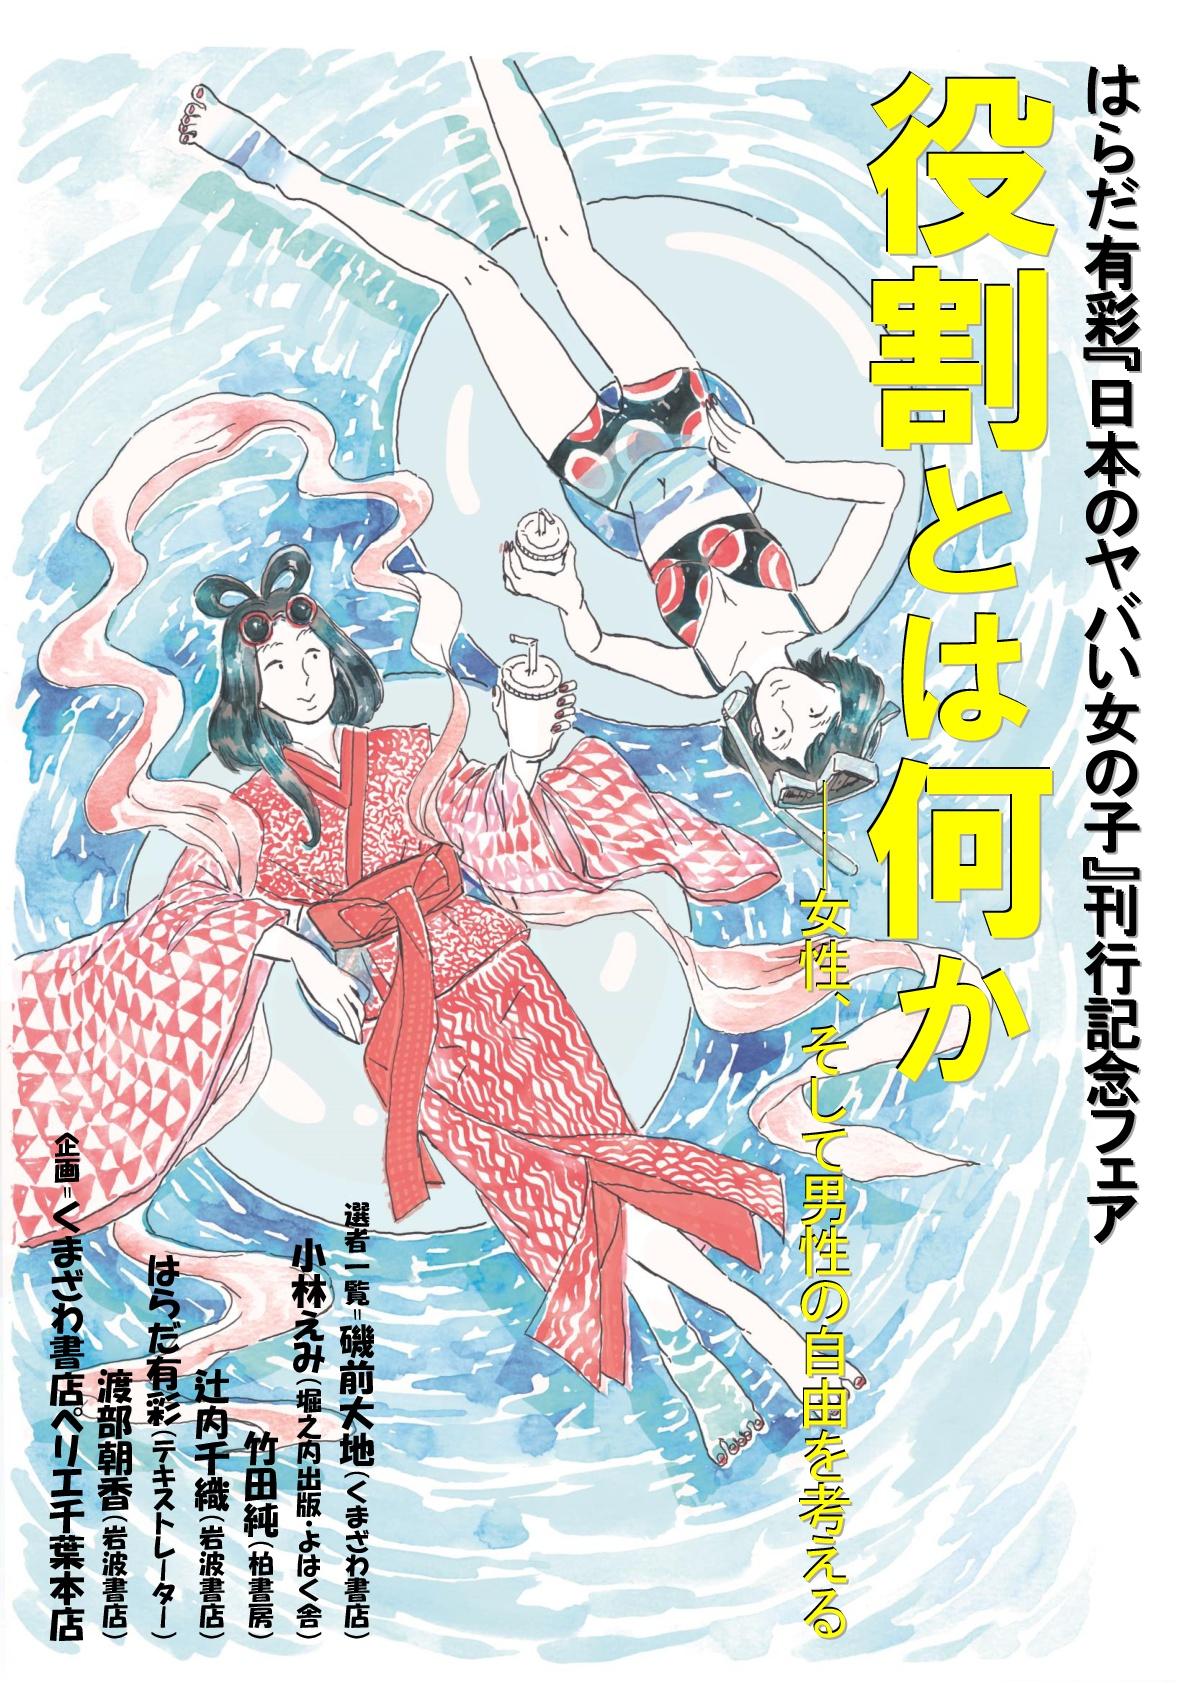 日本のヤバい女の子フェア_縦-001